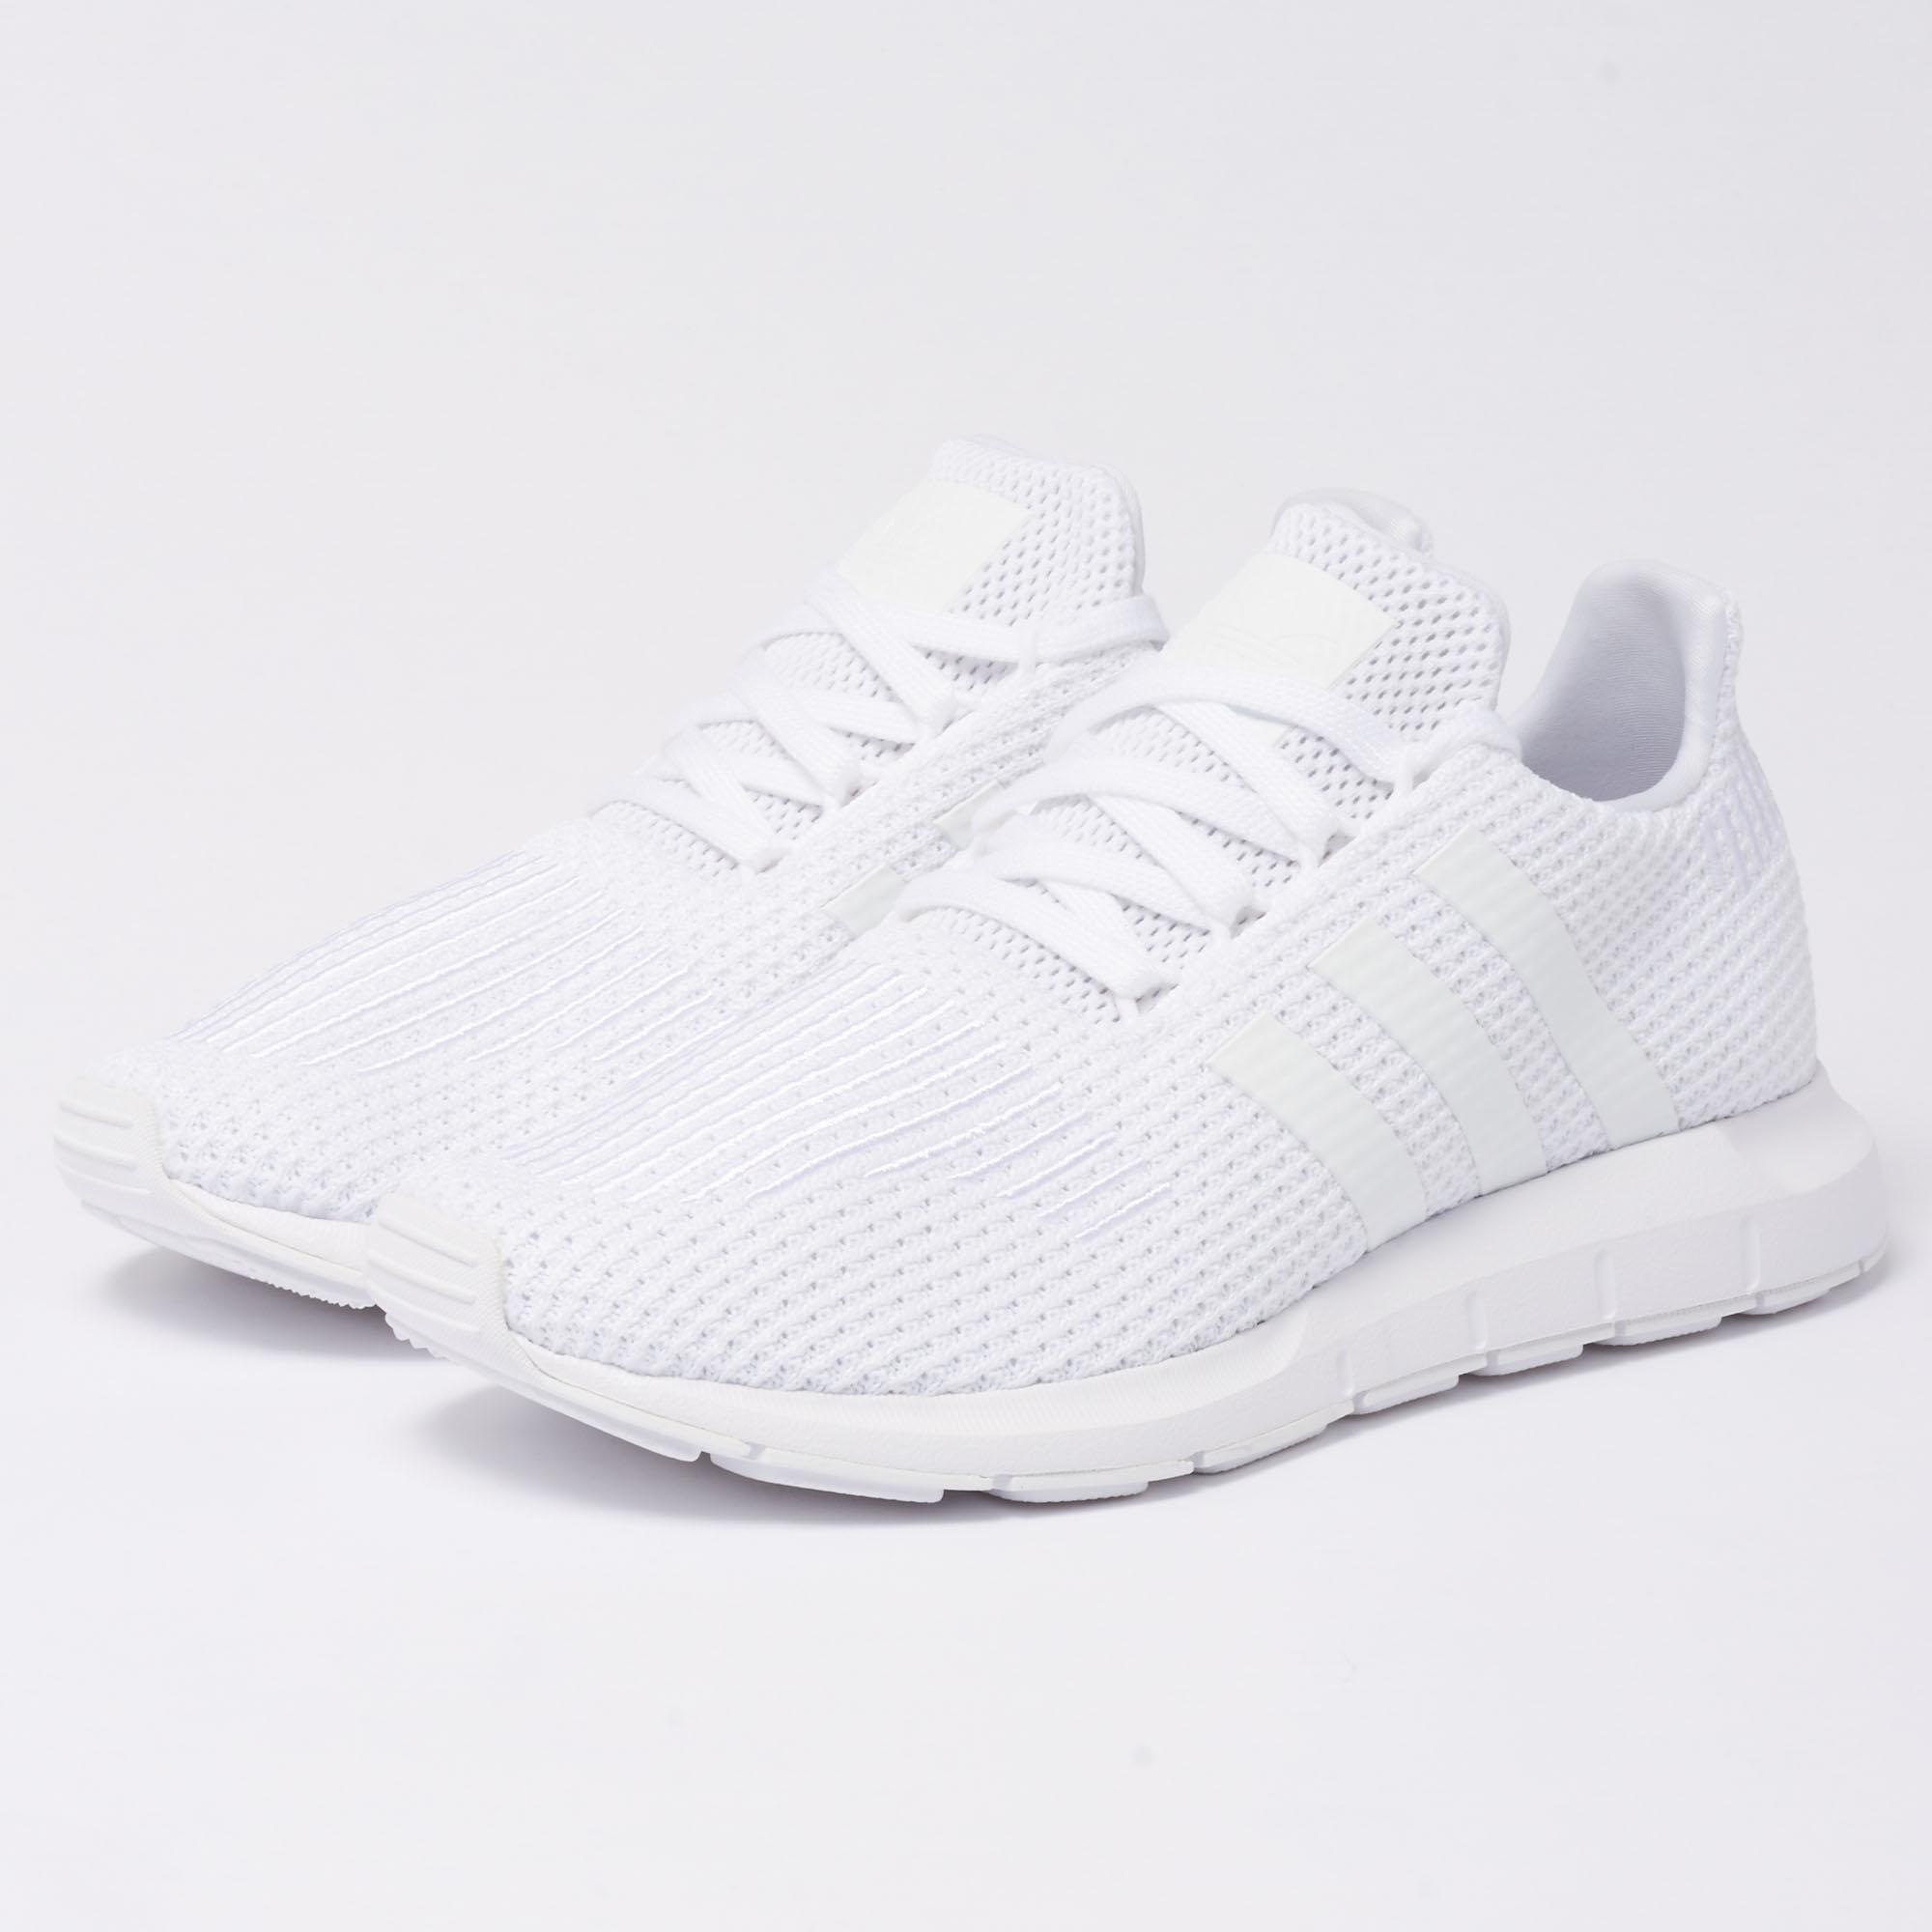 Adidas Originals Womens Womens Swift Run Trainers - White